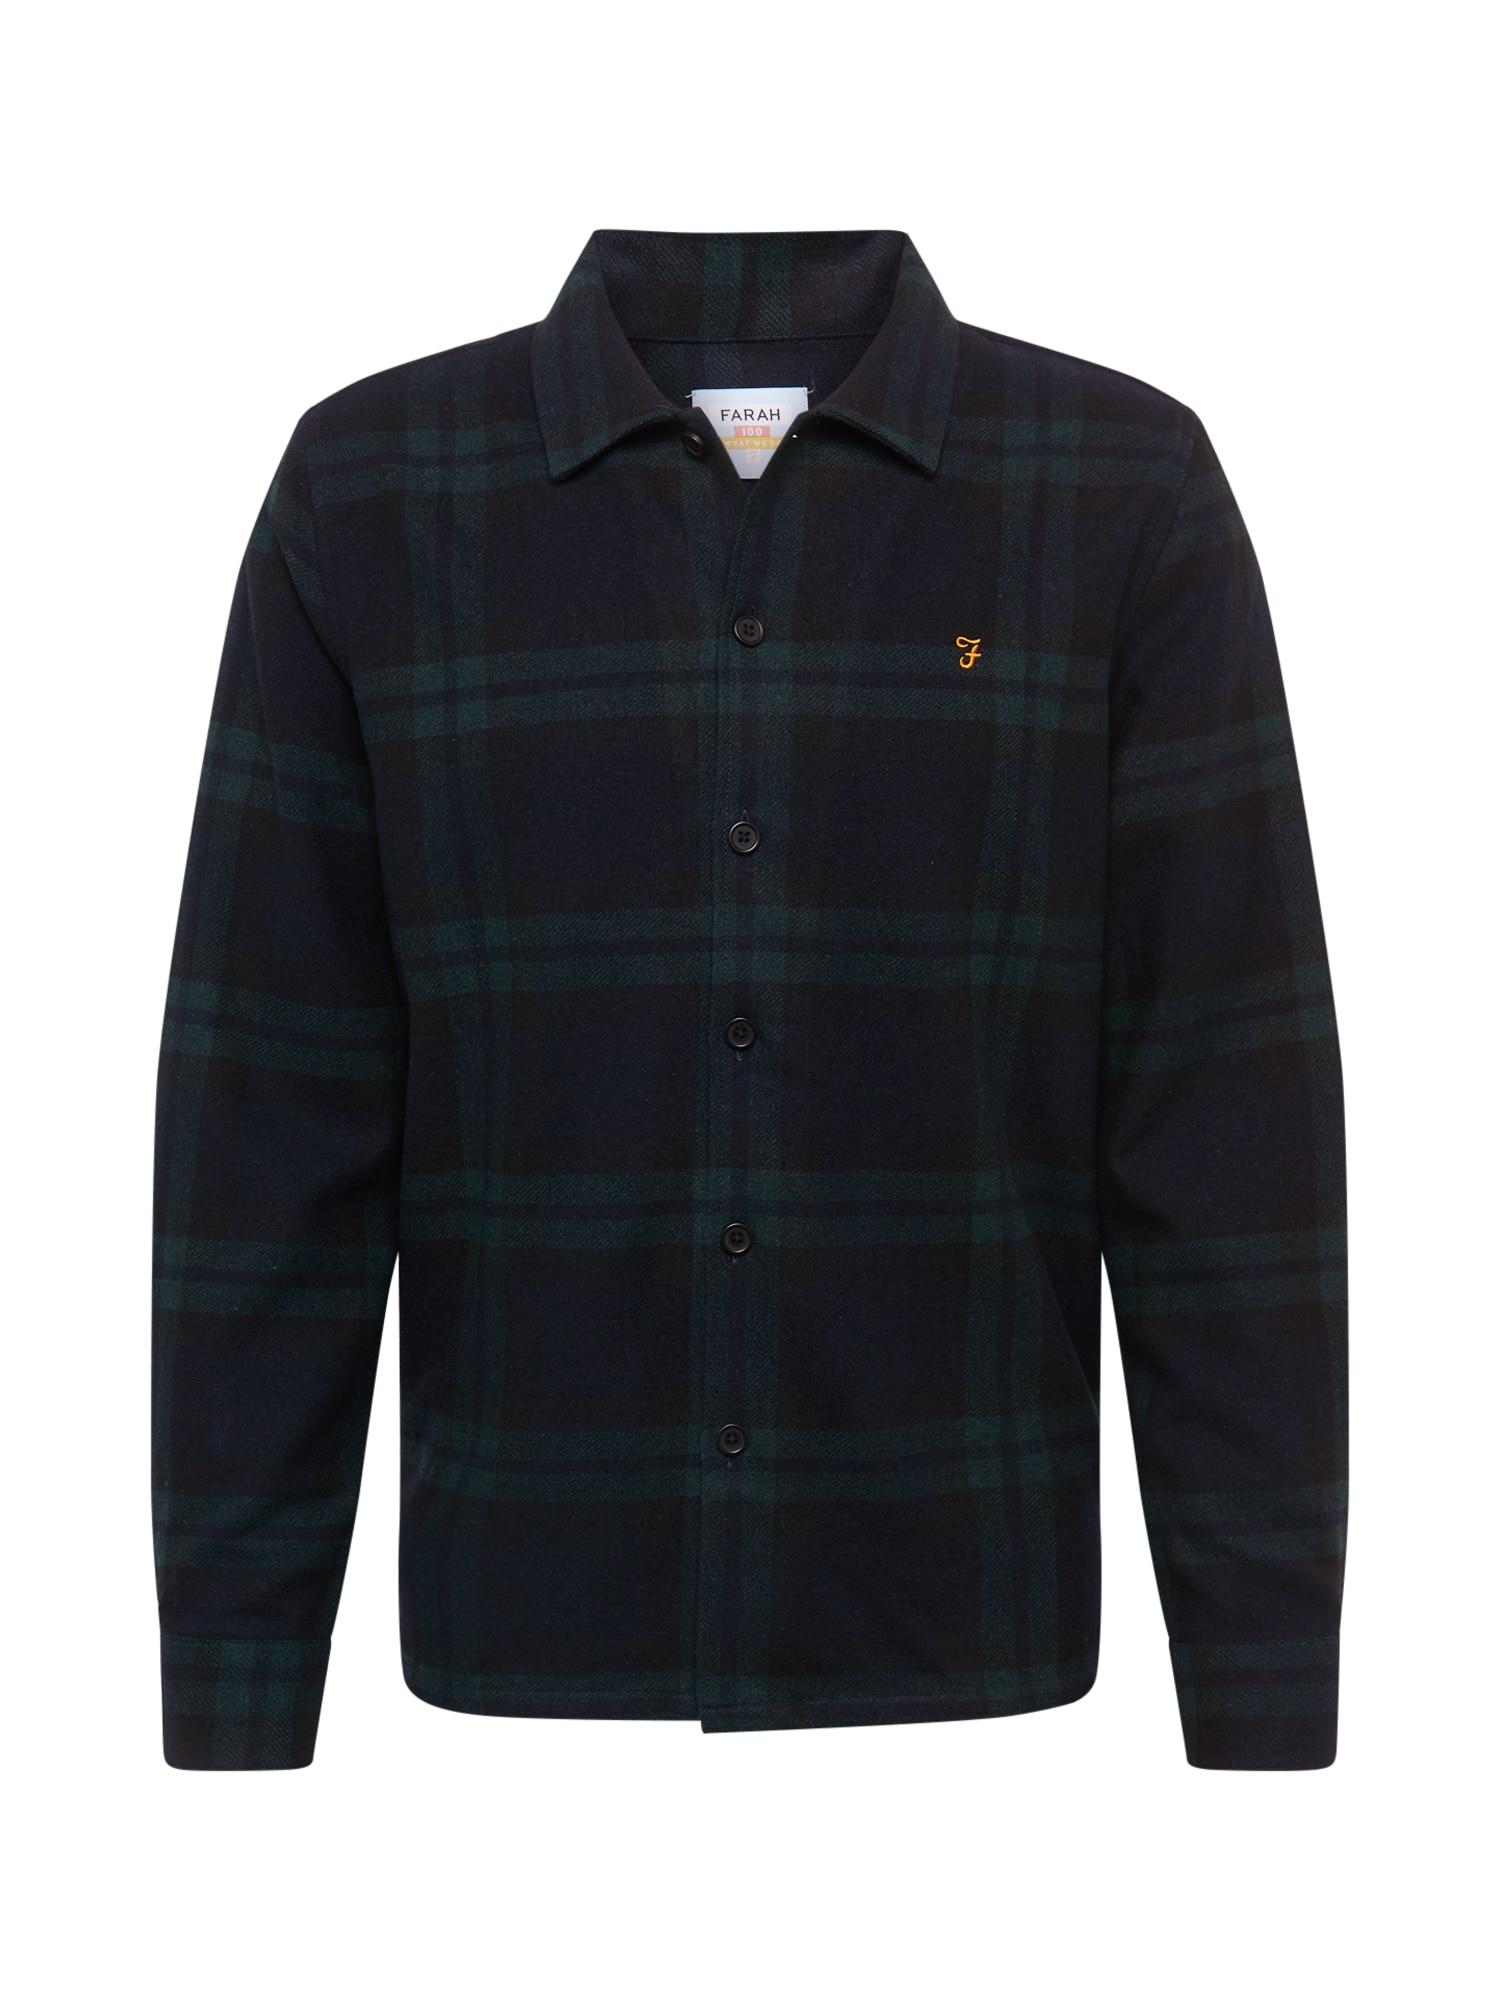 FARAH Marškiniai tamsiai žalia / įdegio spalva / alyvuogių spalva